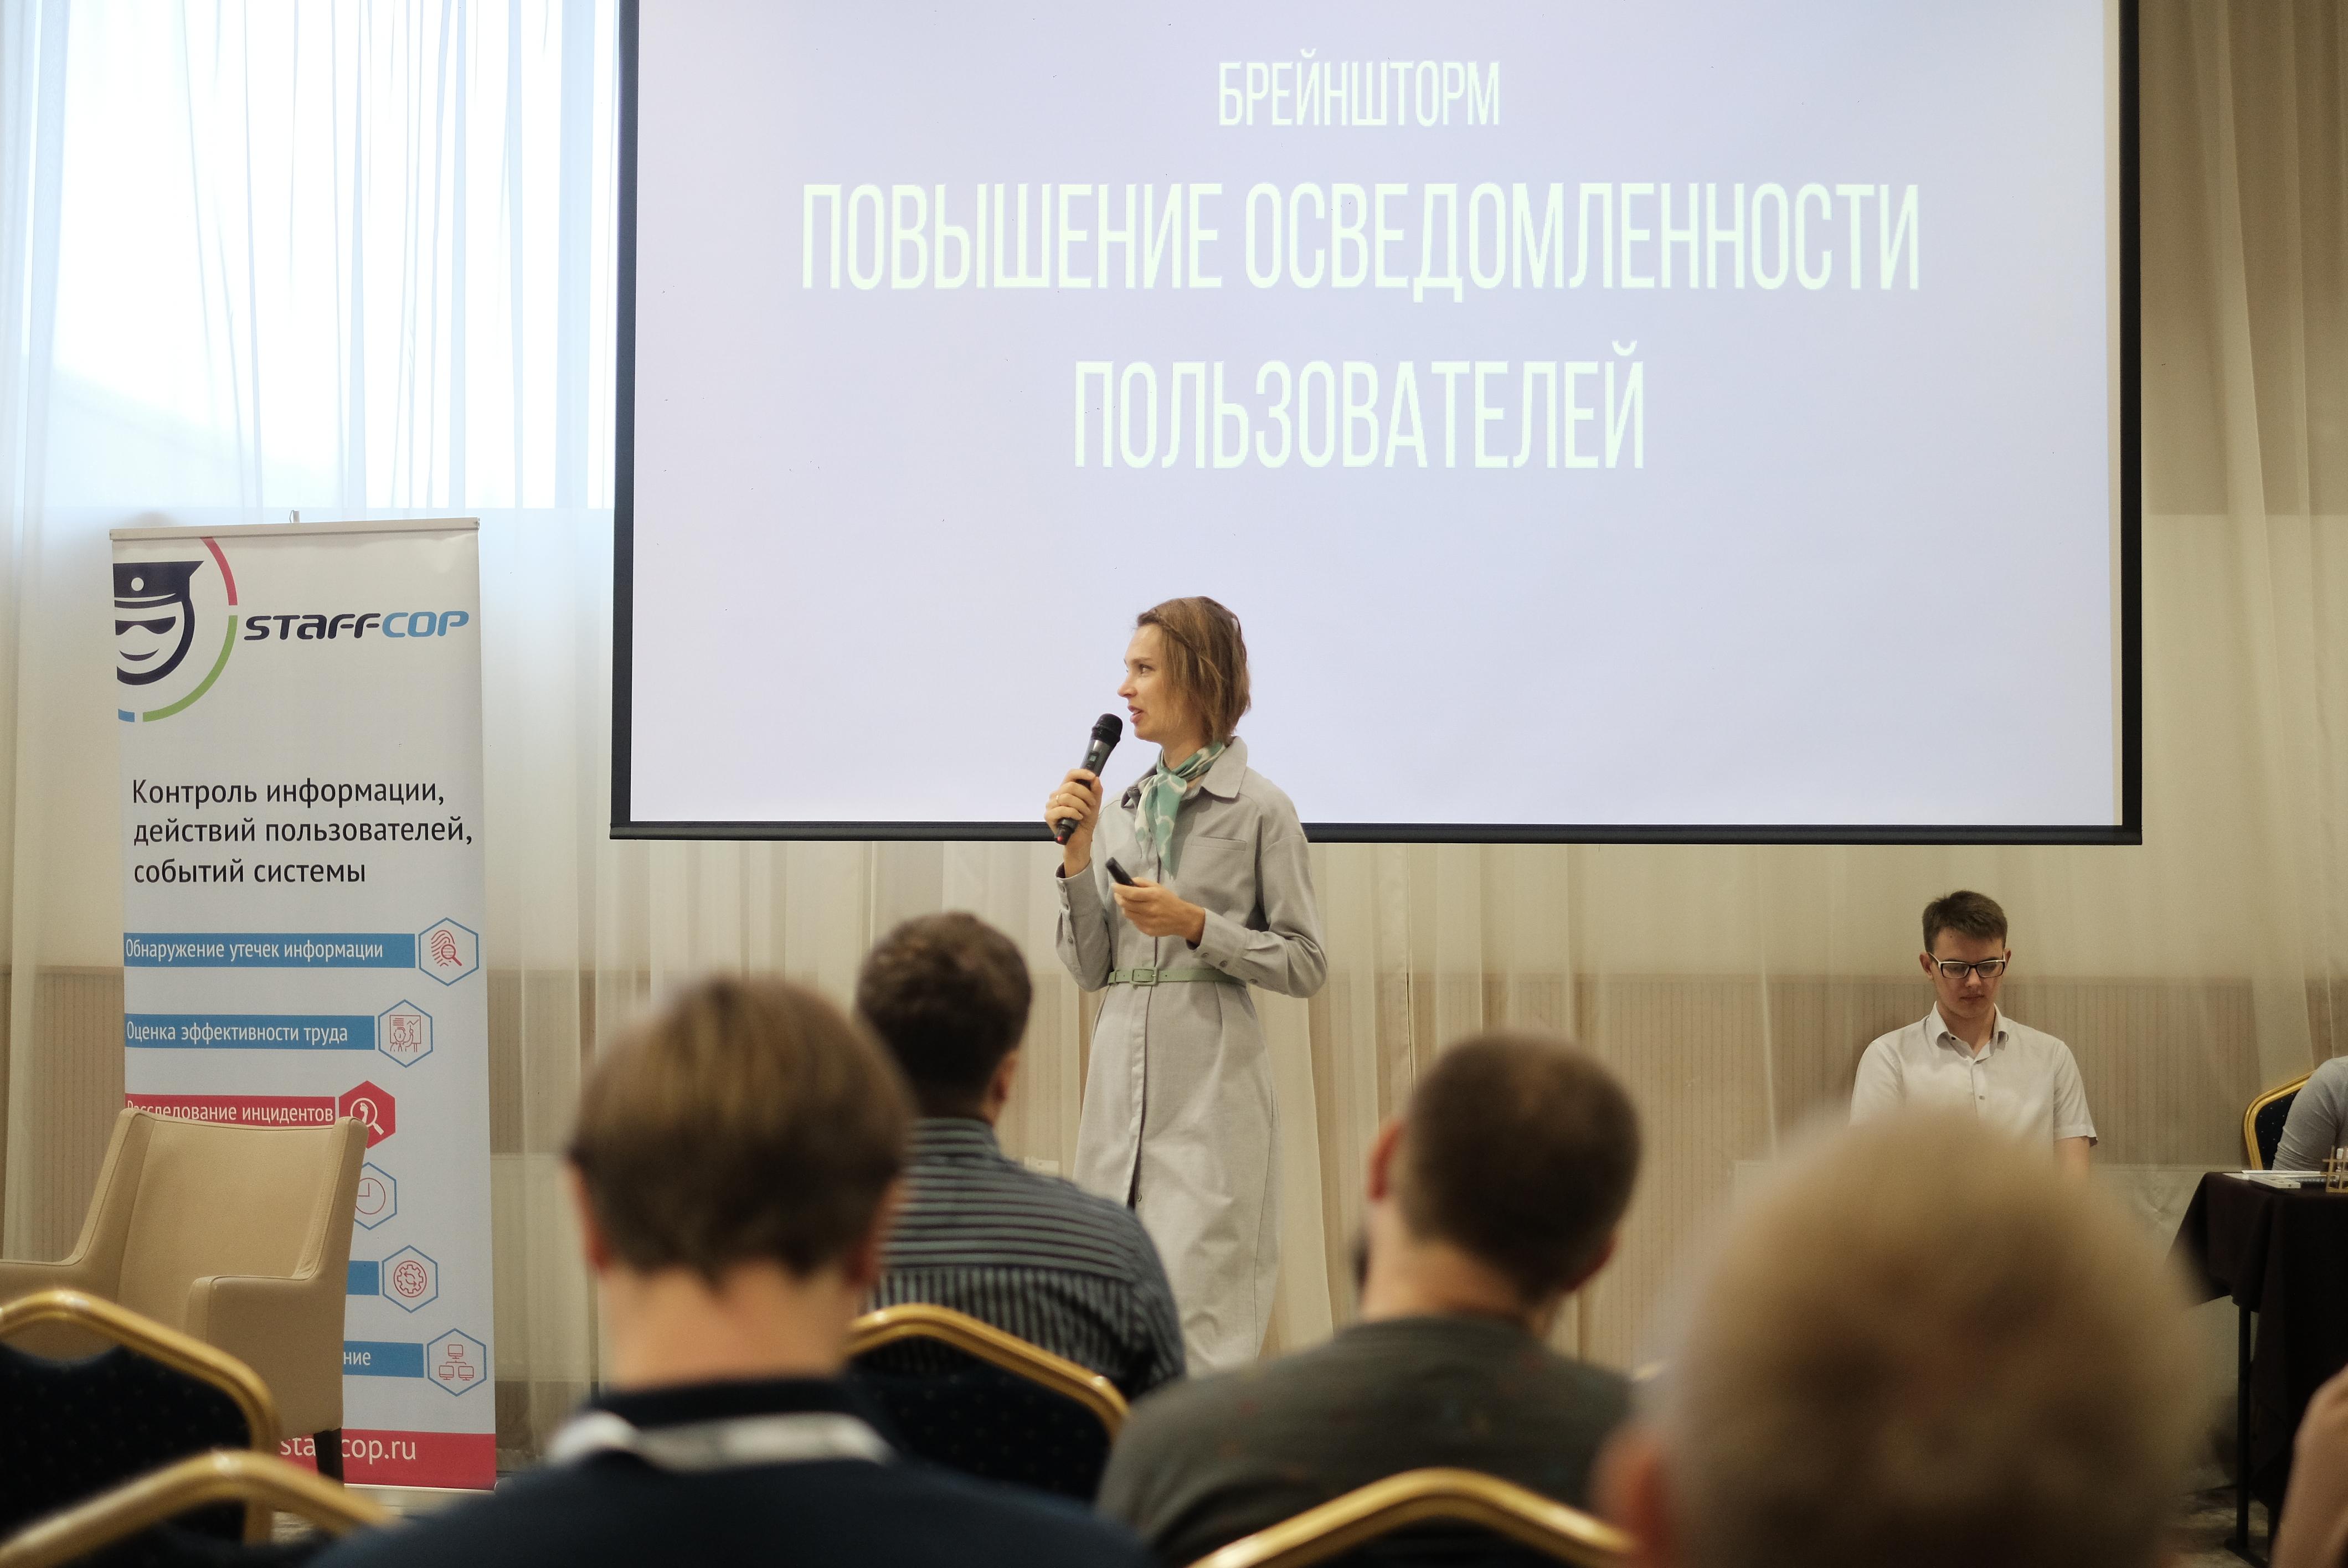 ИБ-сообщество Сибири собралось на конференцию Код ИБ в Новосибирске